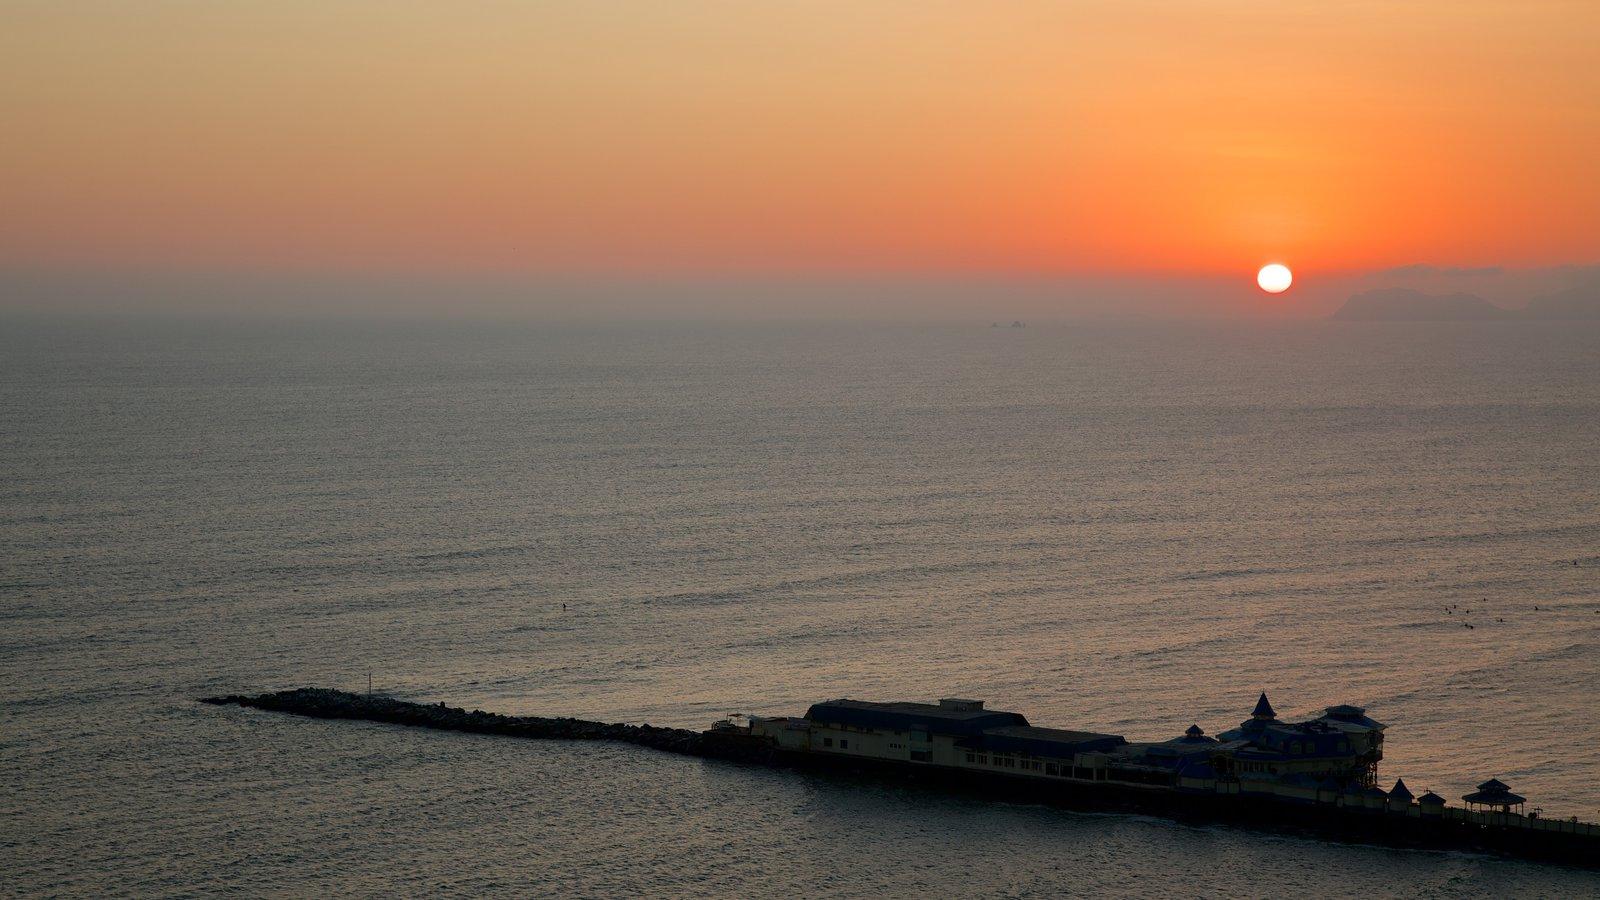 Lima mostrando paisagens litorâneas e um pôr do sol